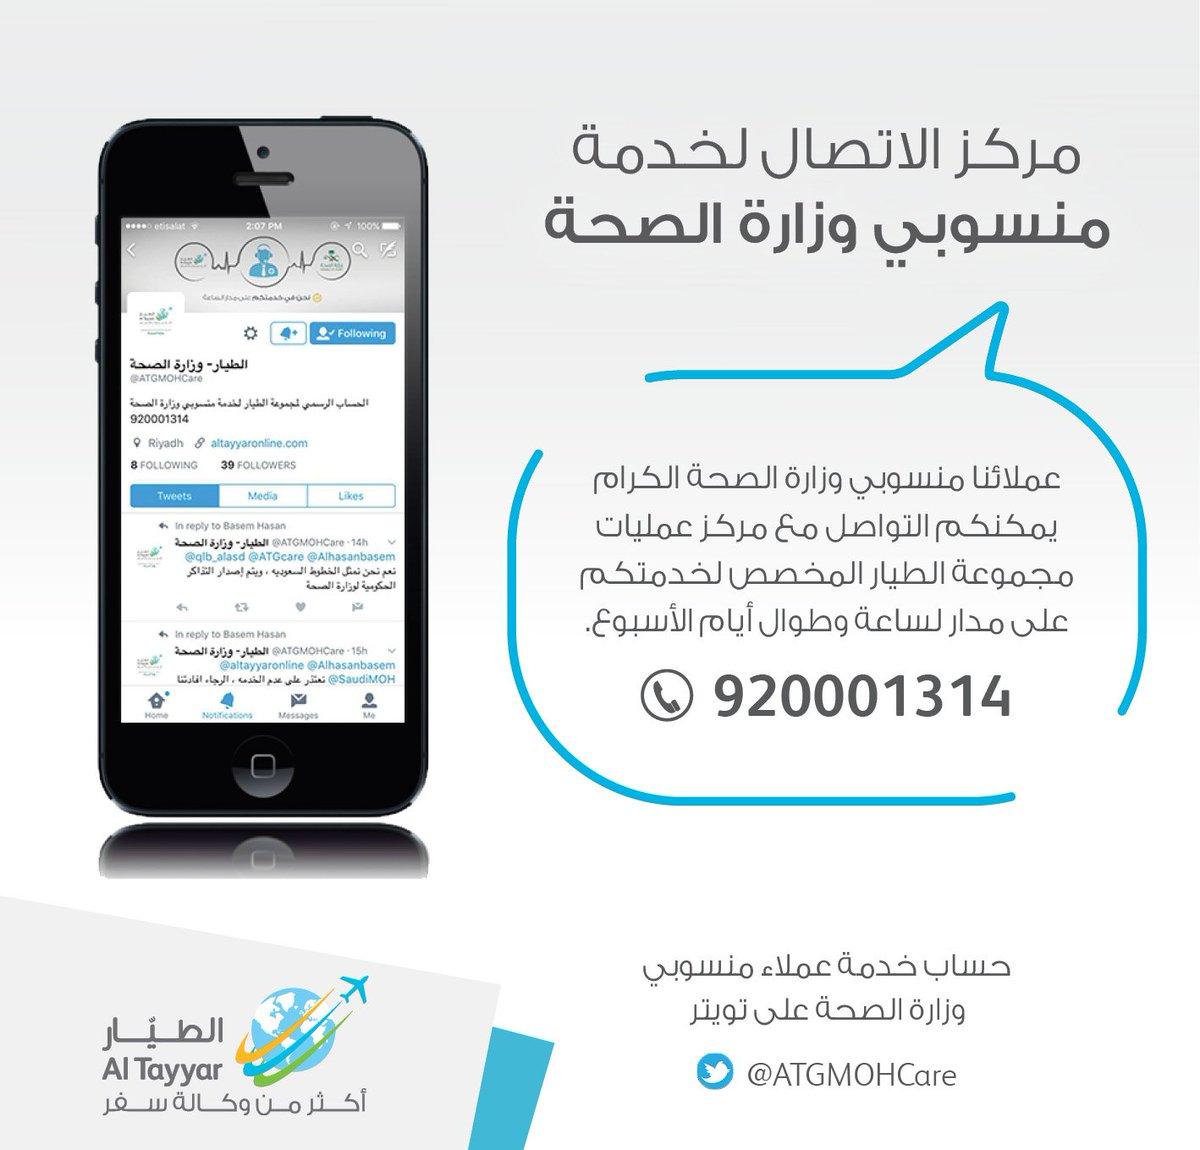 Seera سيرا A Twitteren عملائنا منسوبي وزارة الصحة مركز عمليات المجموعة متواجد على مدار الساعة لخدمتكم أول بأول